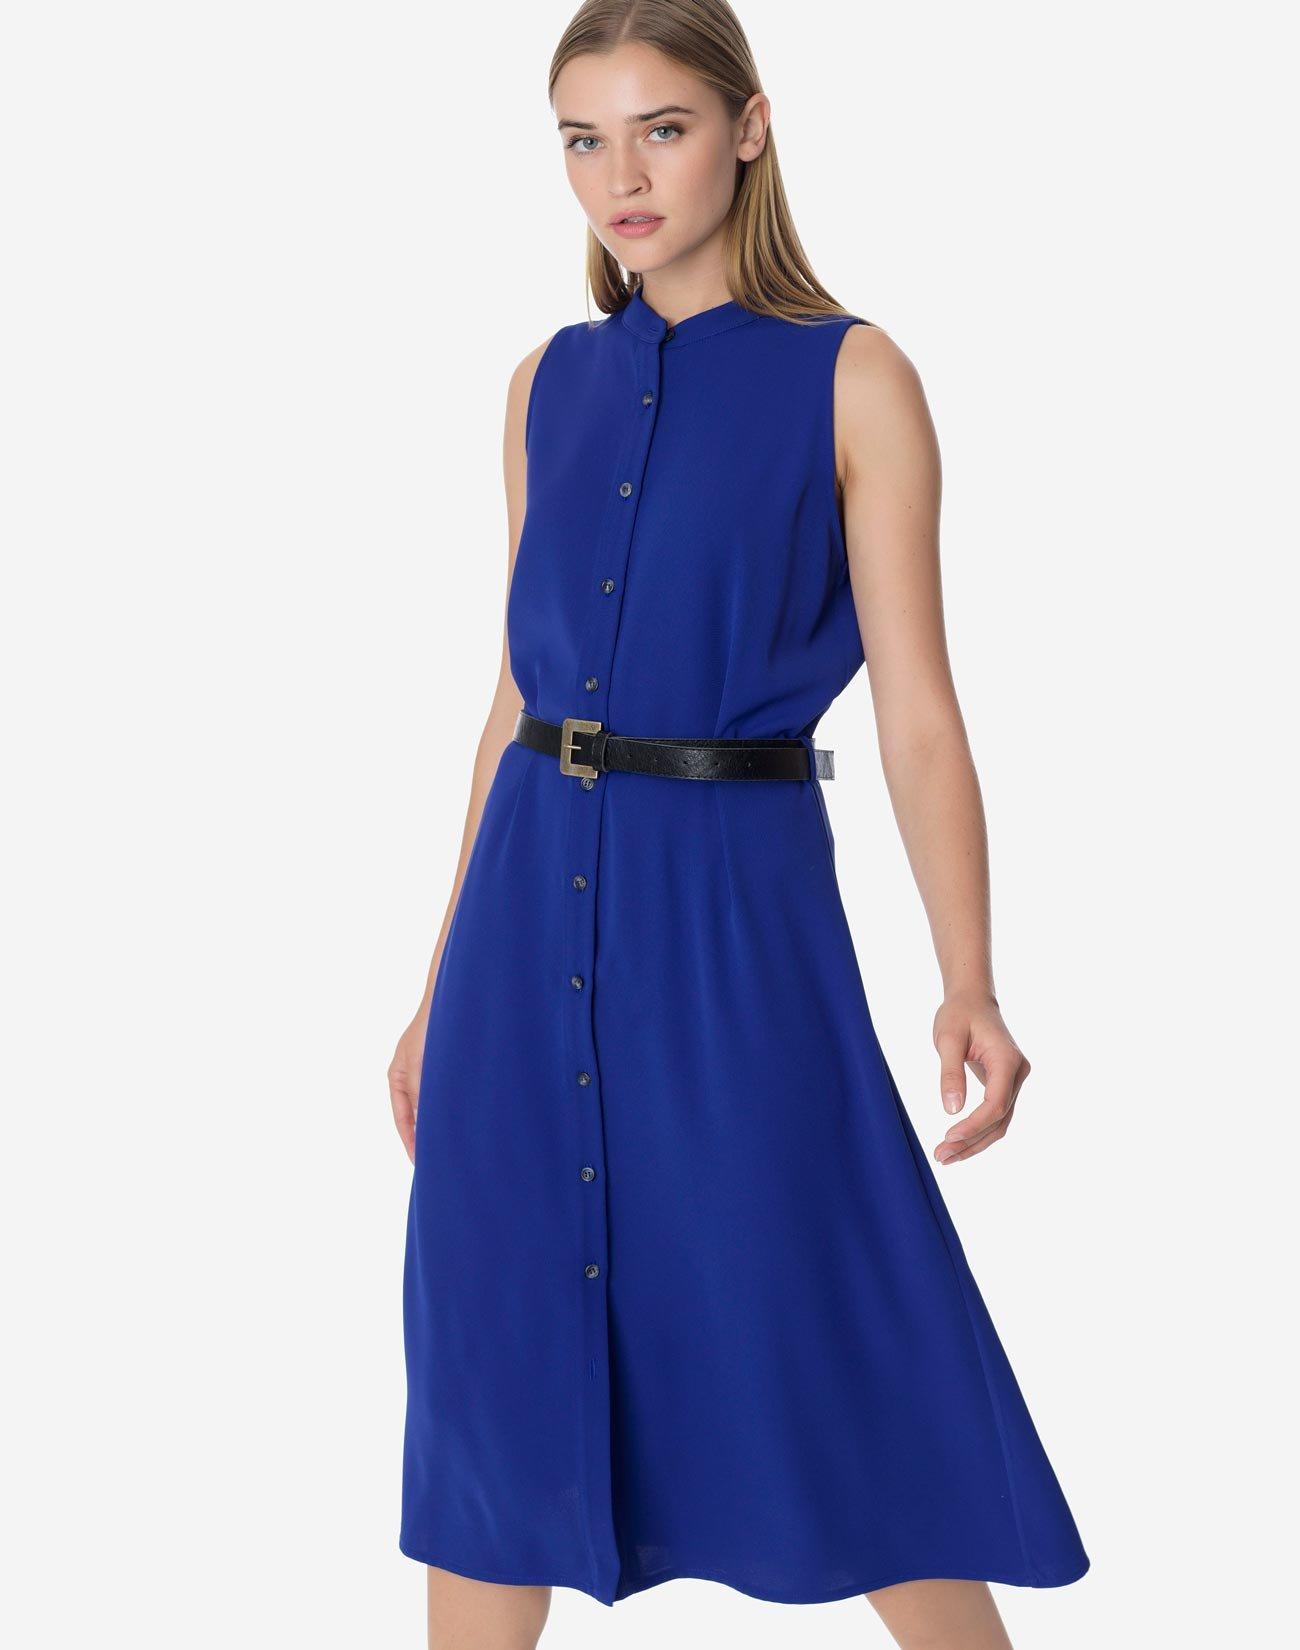 Μίντι σεμιζιέ φόρεμα